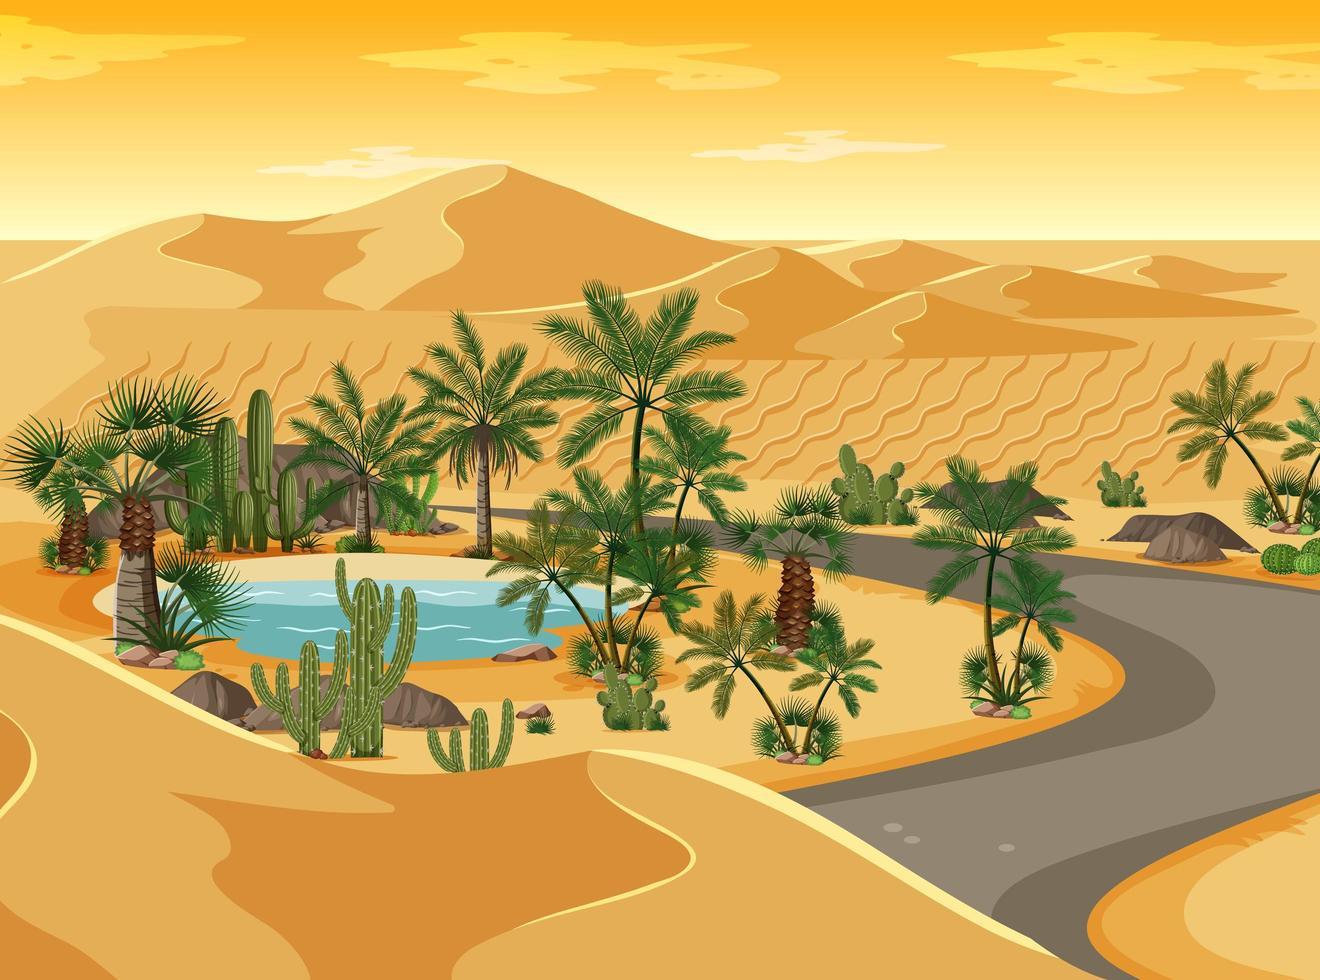 Wüstenoase mit langer Straßenlandschaftsszene vektor